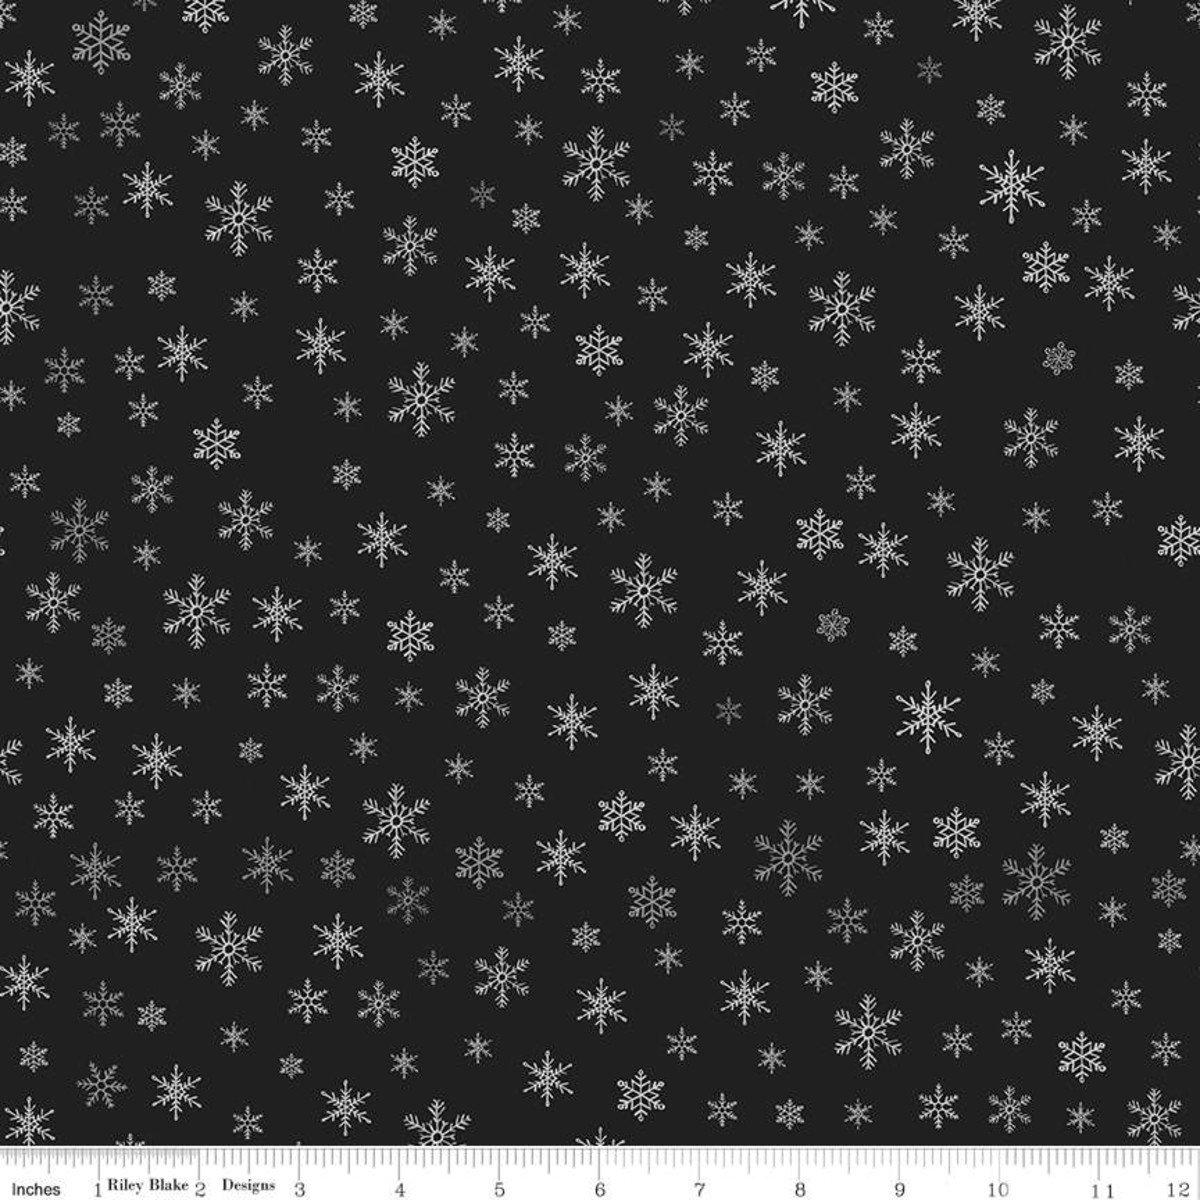 Farmhouse Christmas C10954 Snowflakes Black